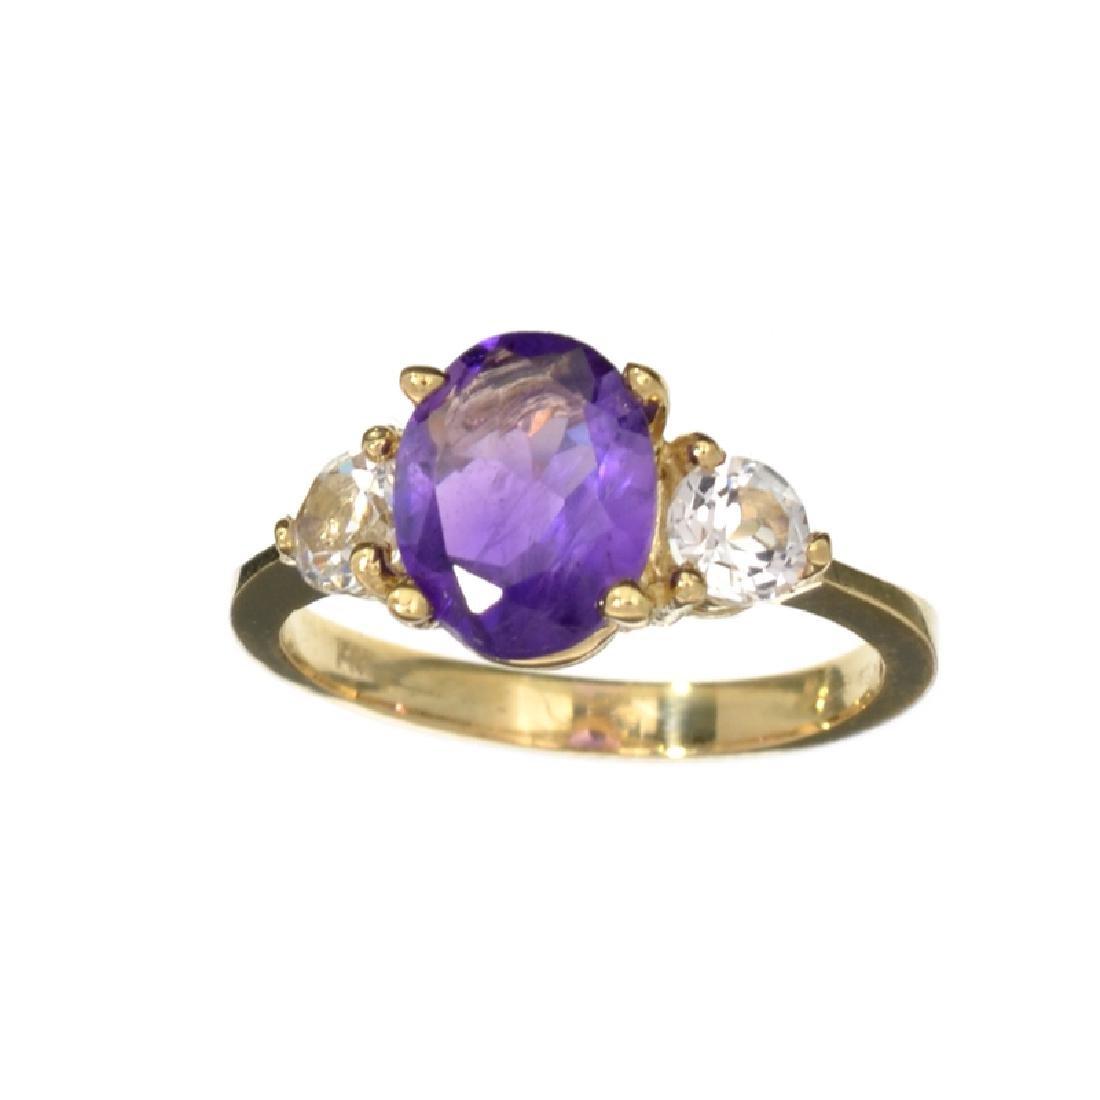 APP: 0.9k Fine Jewelry Designer Sebastian 14 KT Gold,